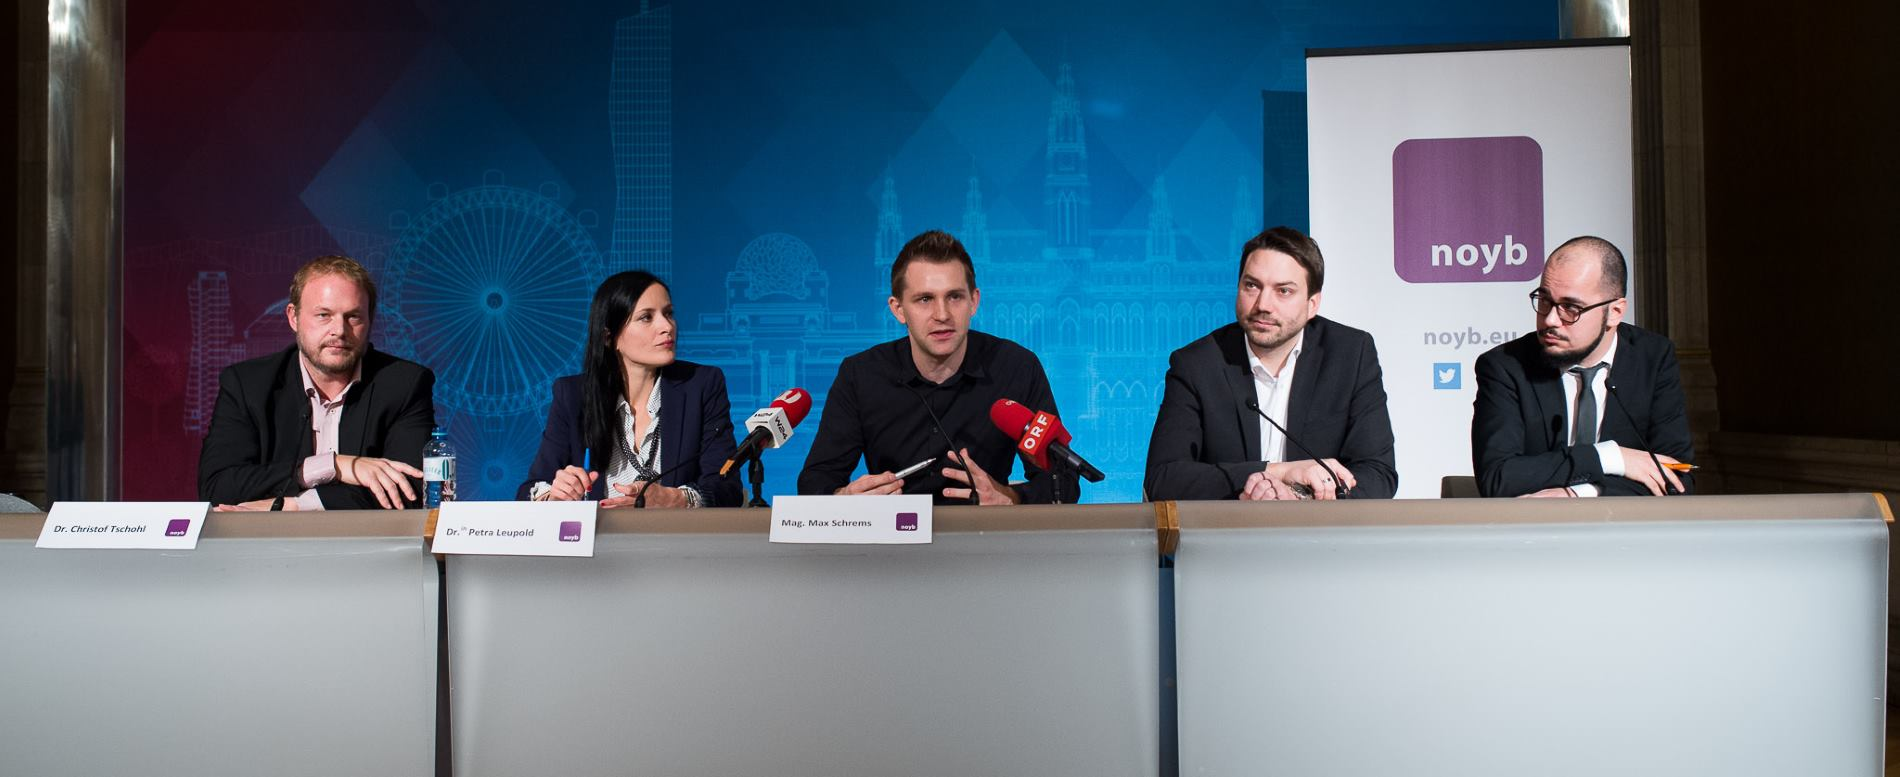 Čelnici Grada Beča odlučili pružiti podršku udruženju za zaštitu digitalnih prava – noyb